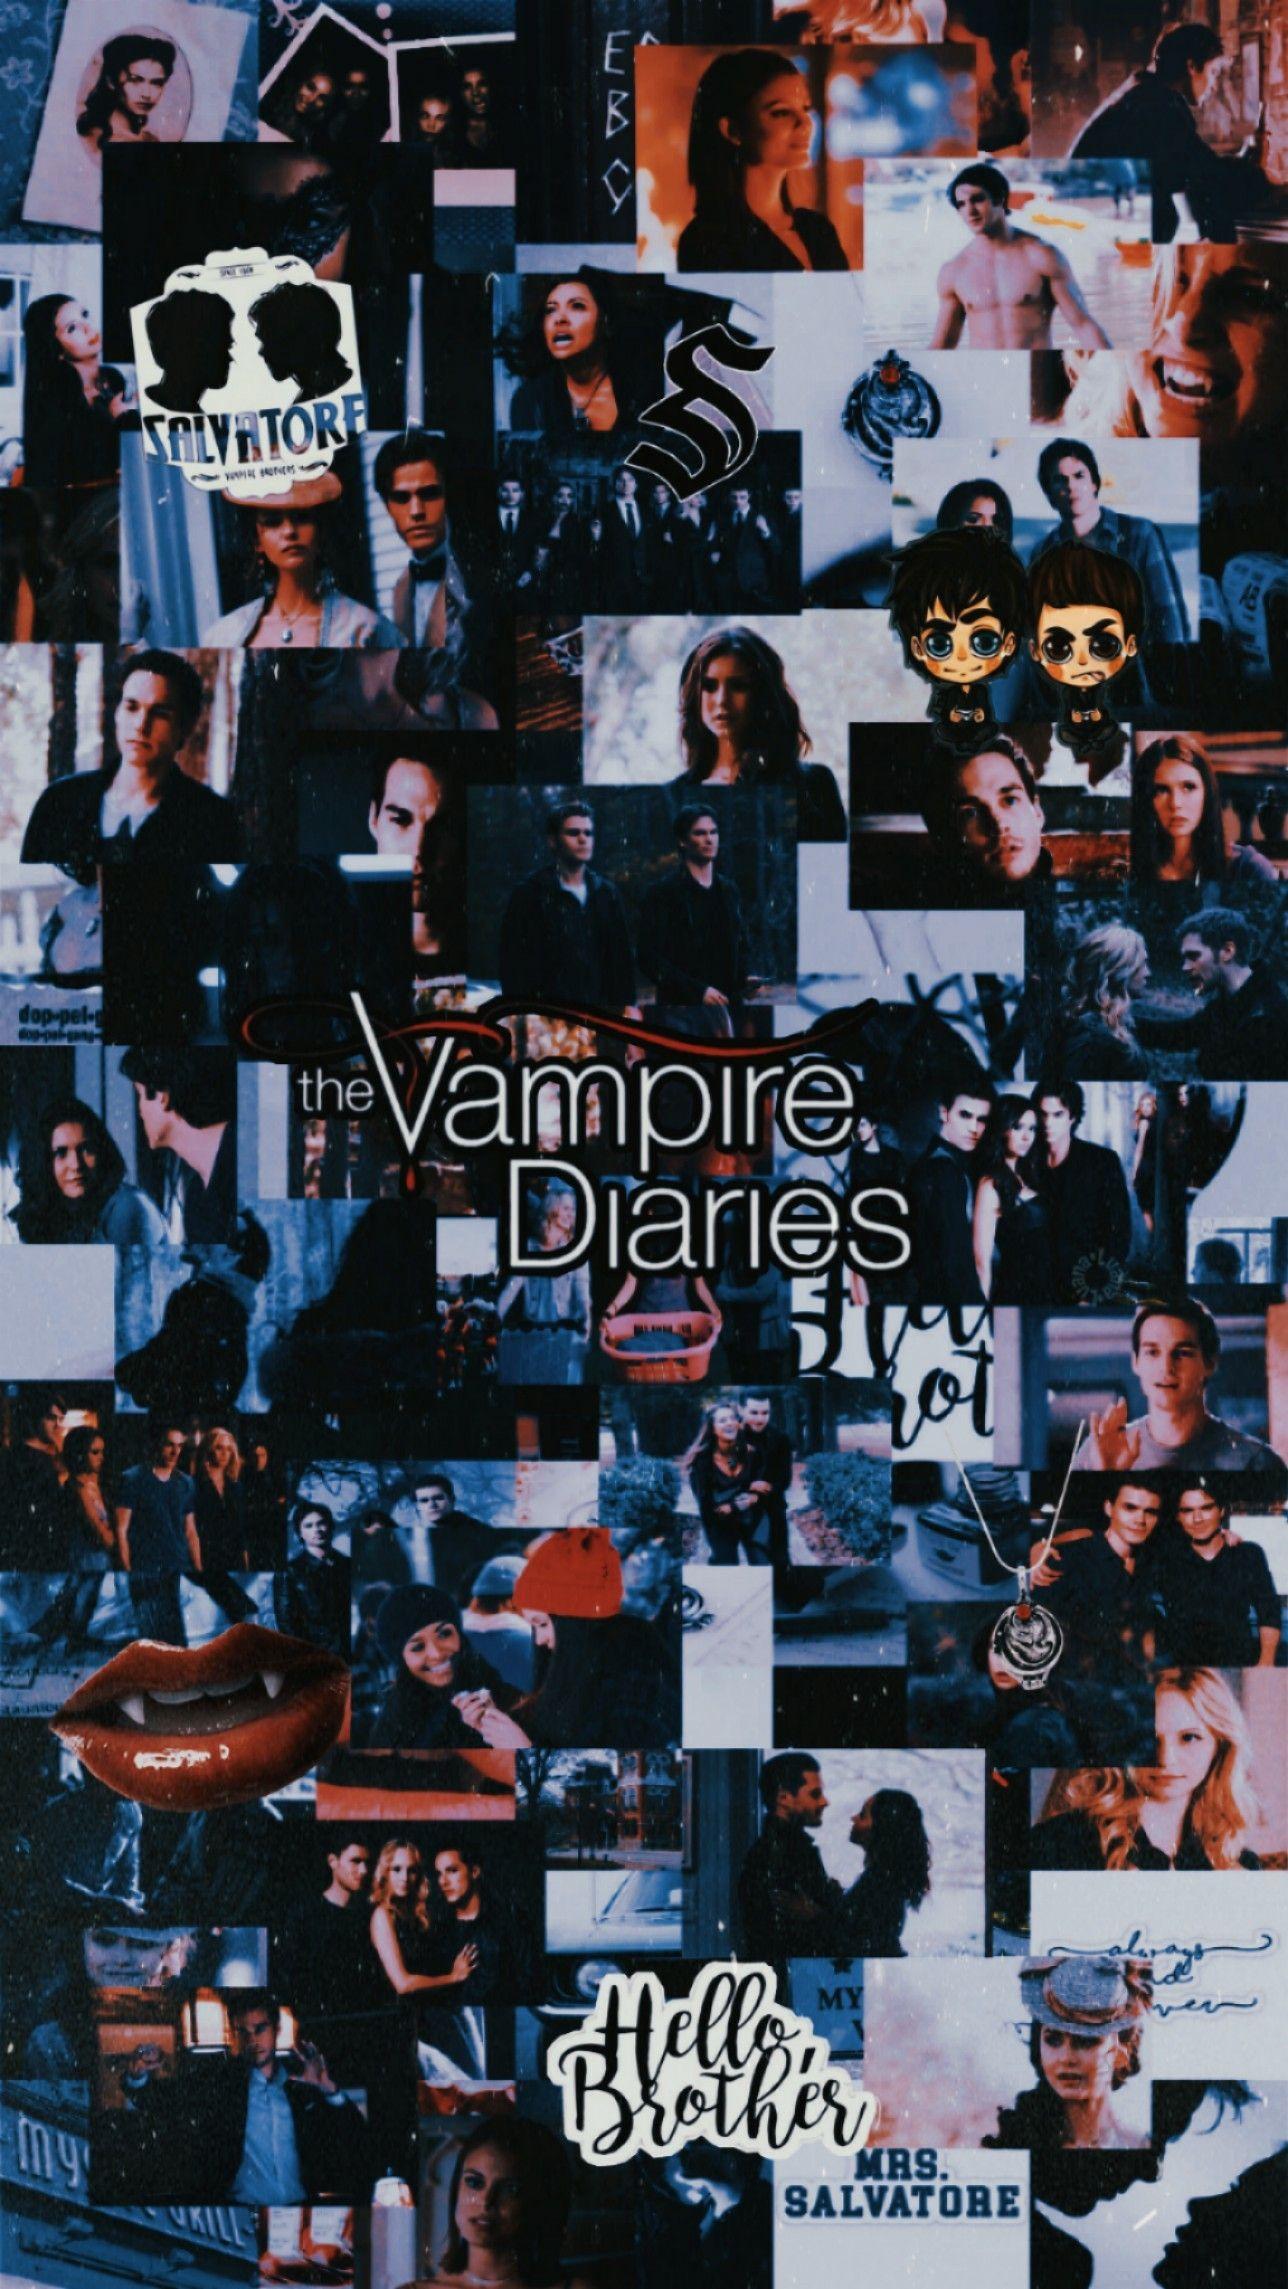 Lockscreen Wallpaper The Vampire Diaries Vampire Diaries Wallpaper Vampire Diaries Poster Vampire Diaries